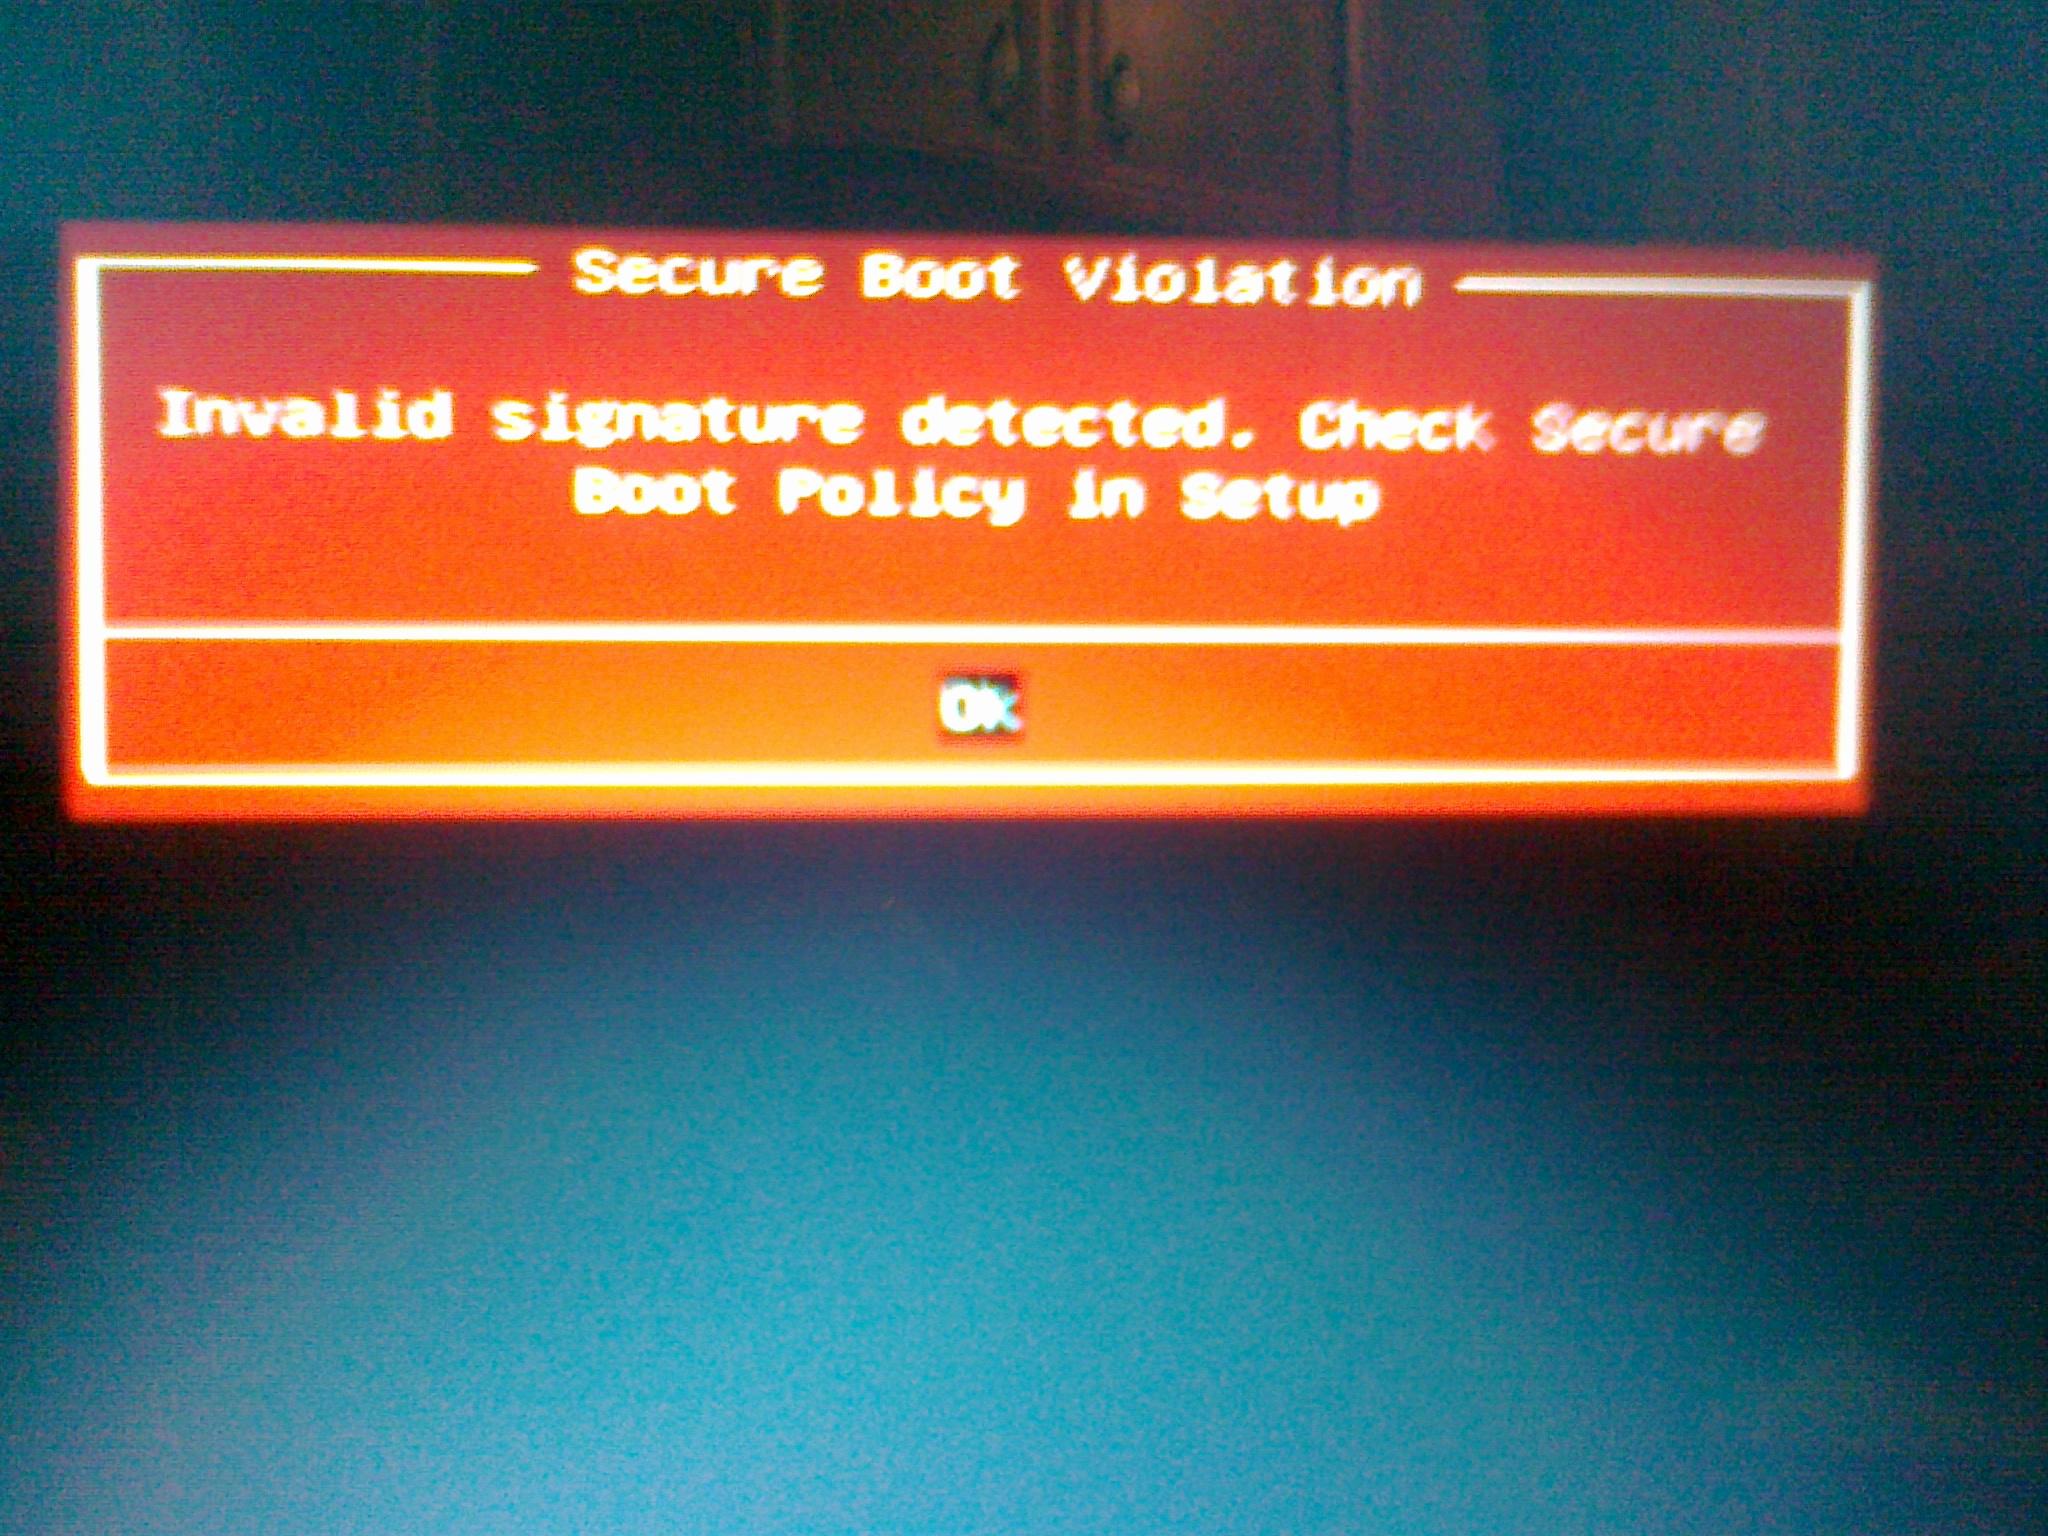 Laptop-ASUS Win8 brak Bootowania z zewn�trznego nap�du DVD pod USB